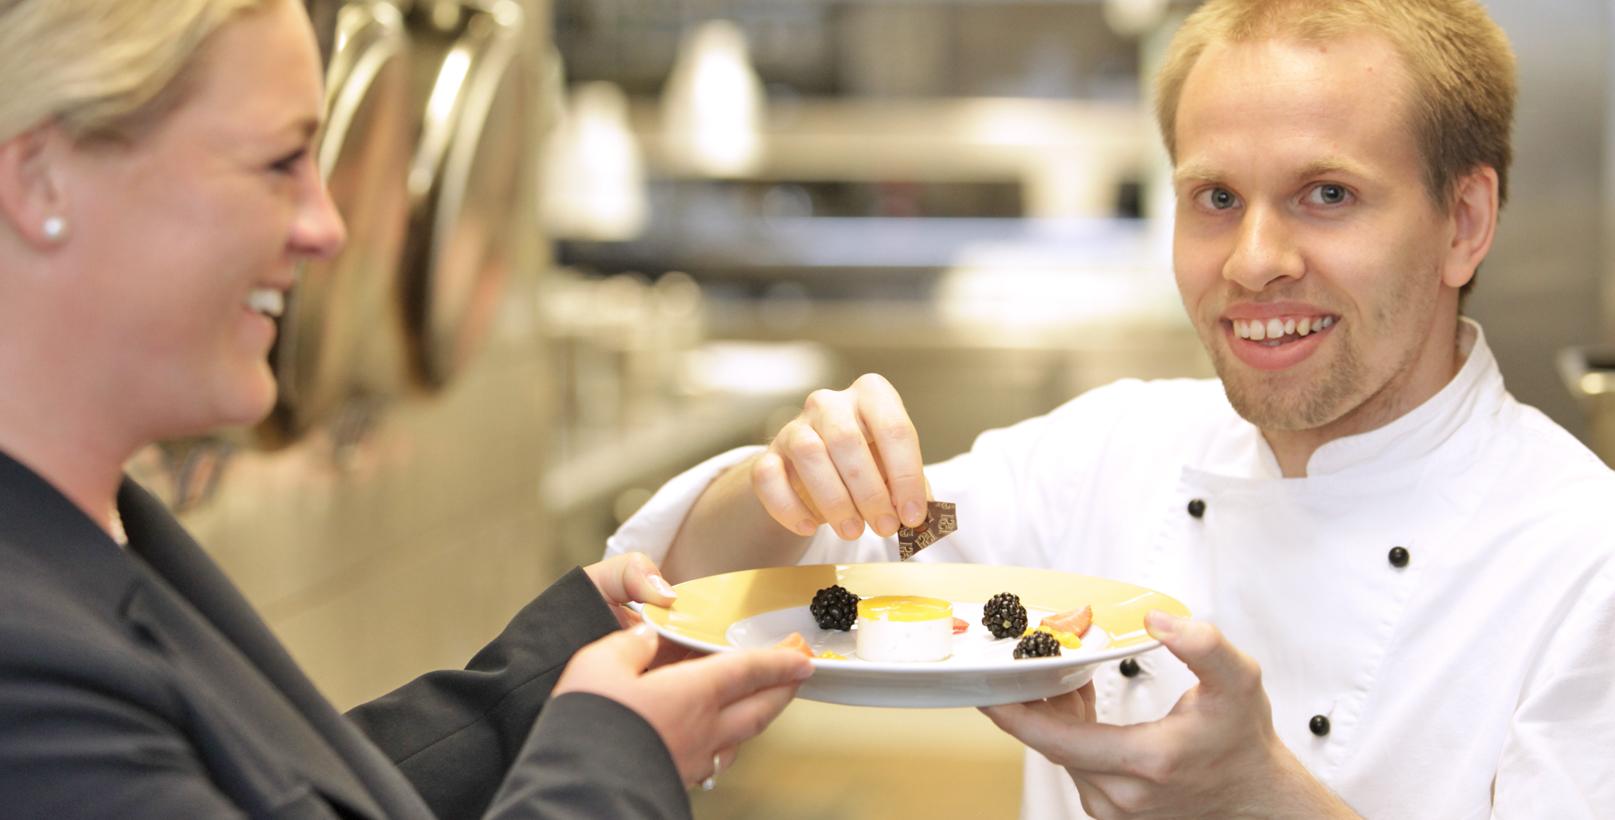 Auszubildener einer Koch-Ausbildung bei der Zubereitung eines Desserts